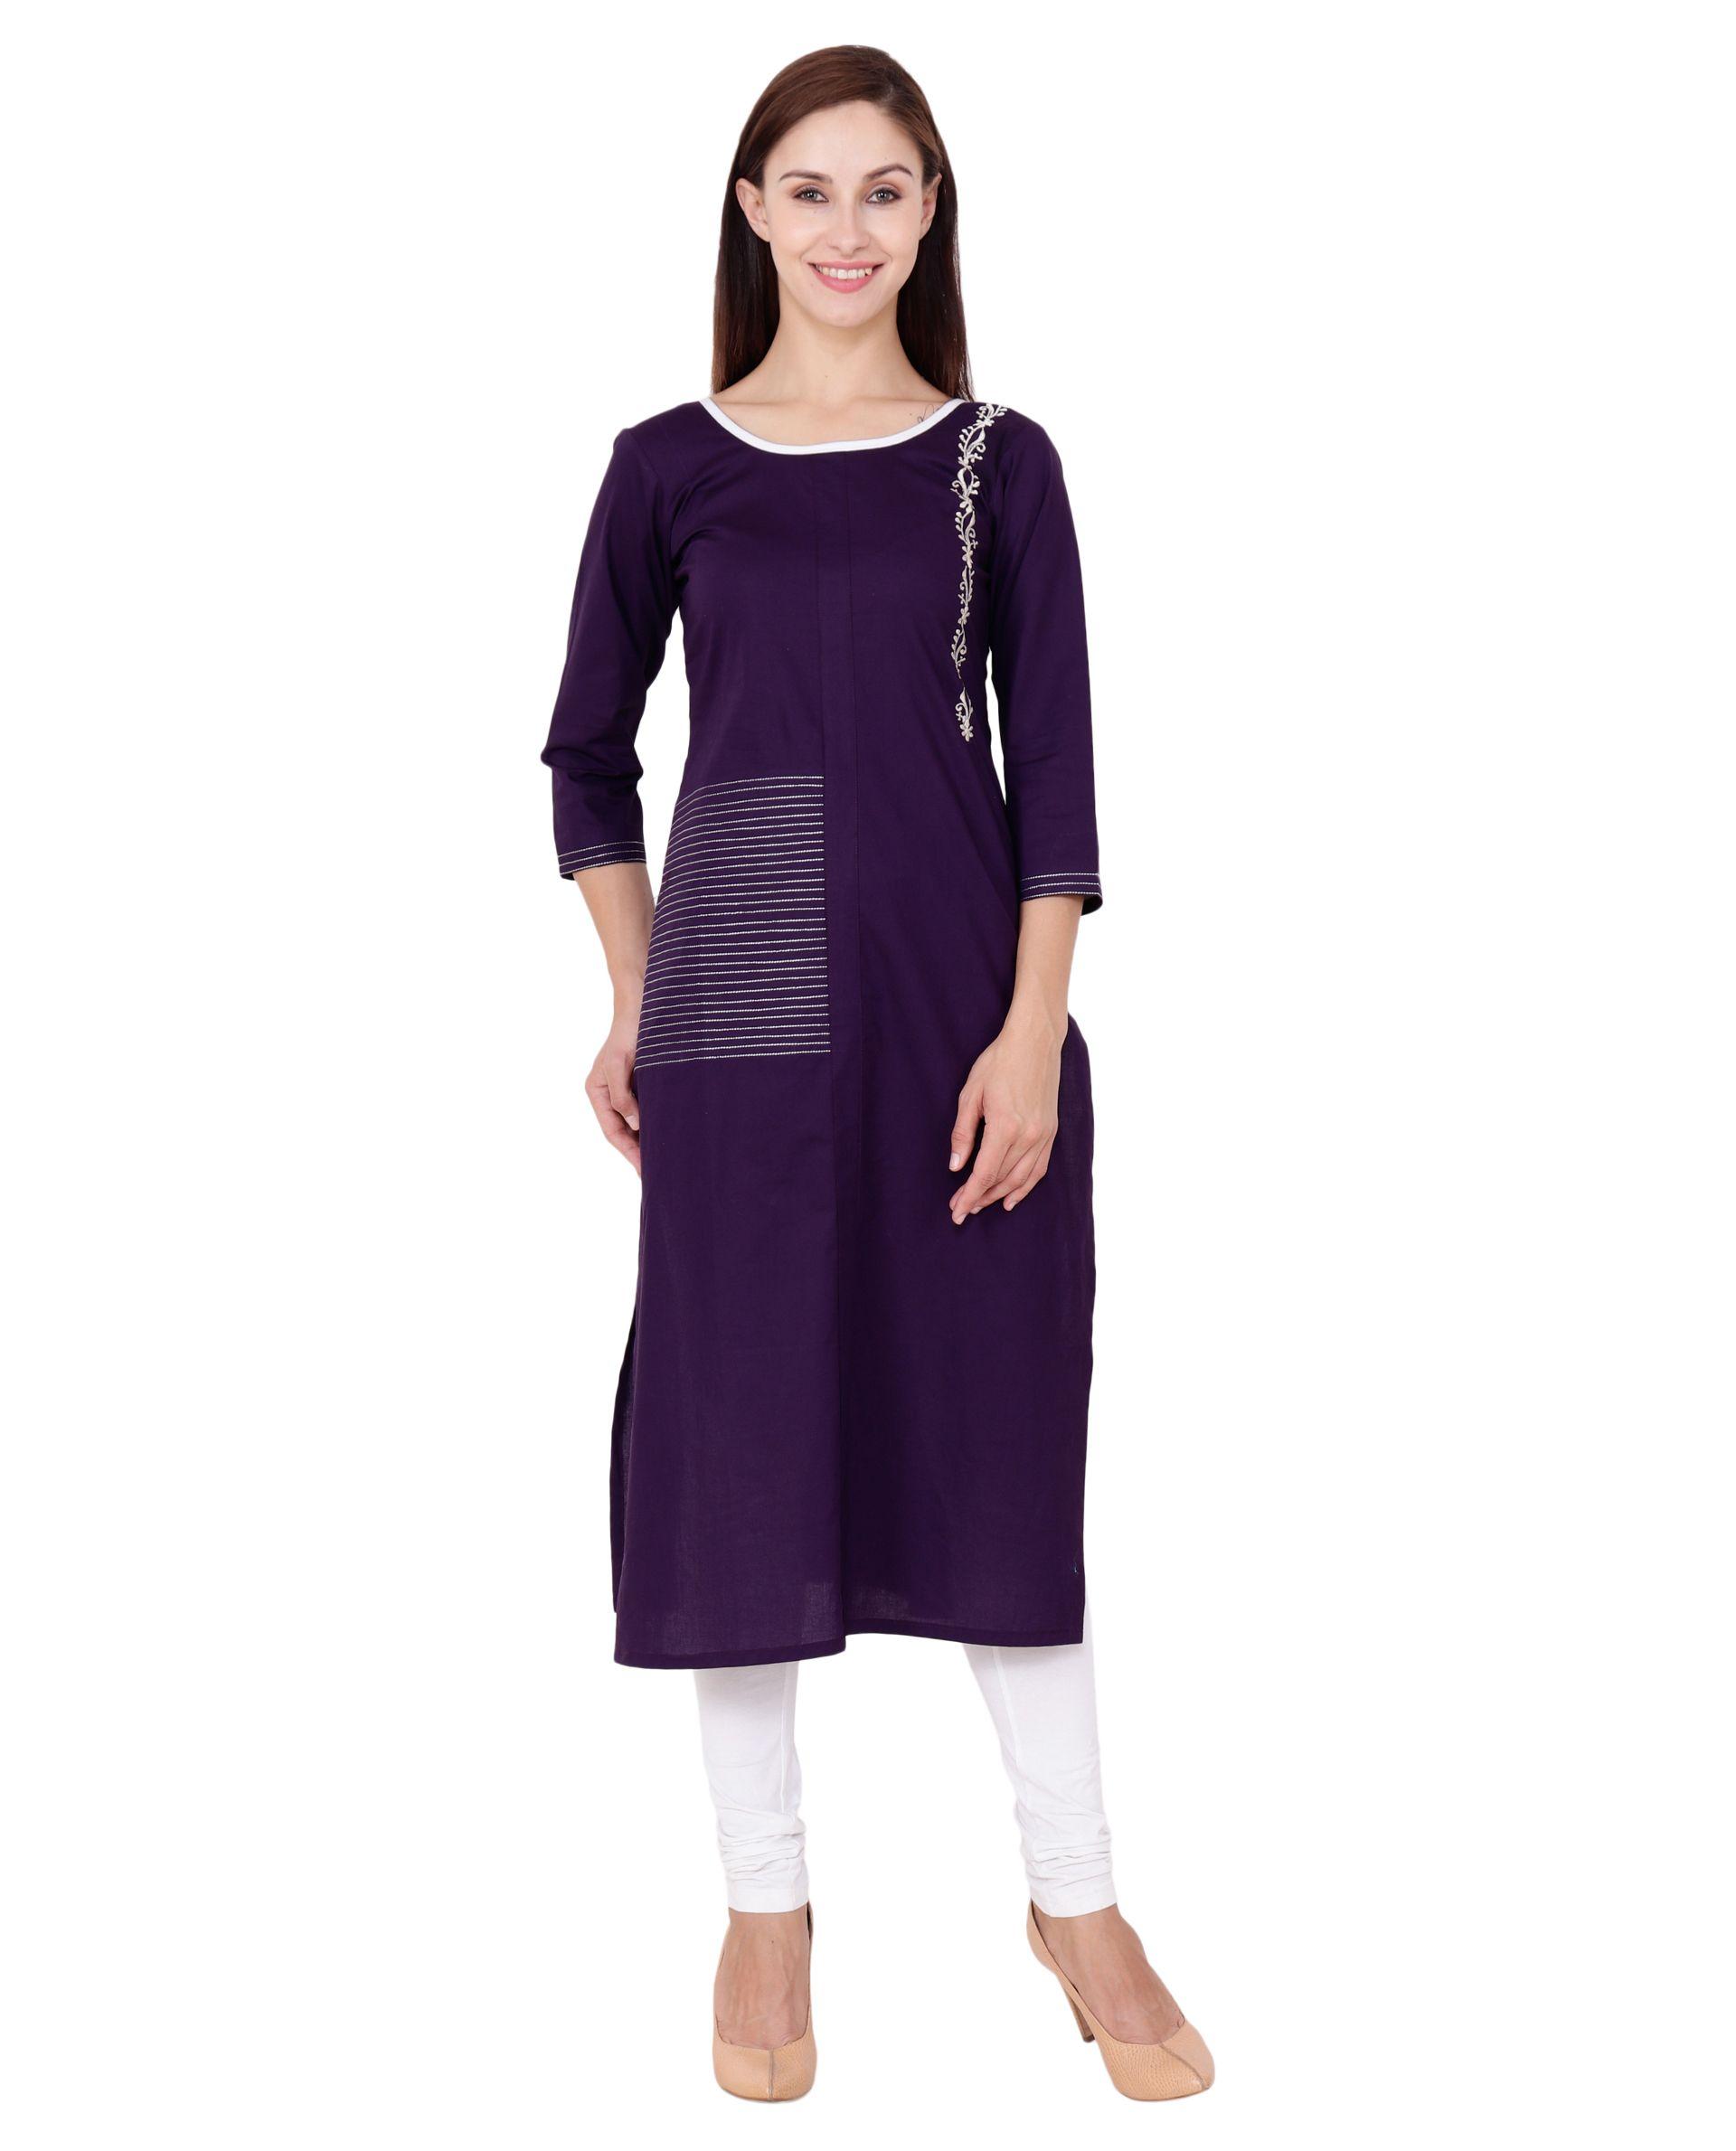 841f896366 Pin by Apella on Kurties   How to wear, Kurti, Women wear